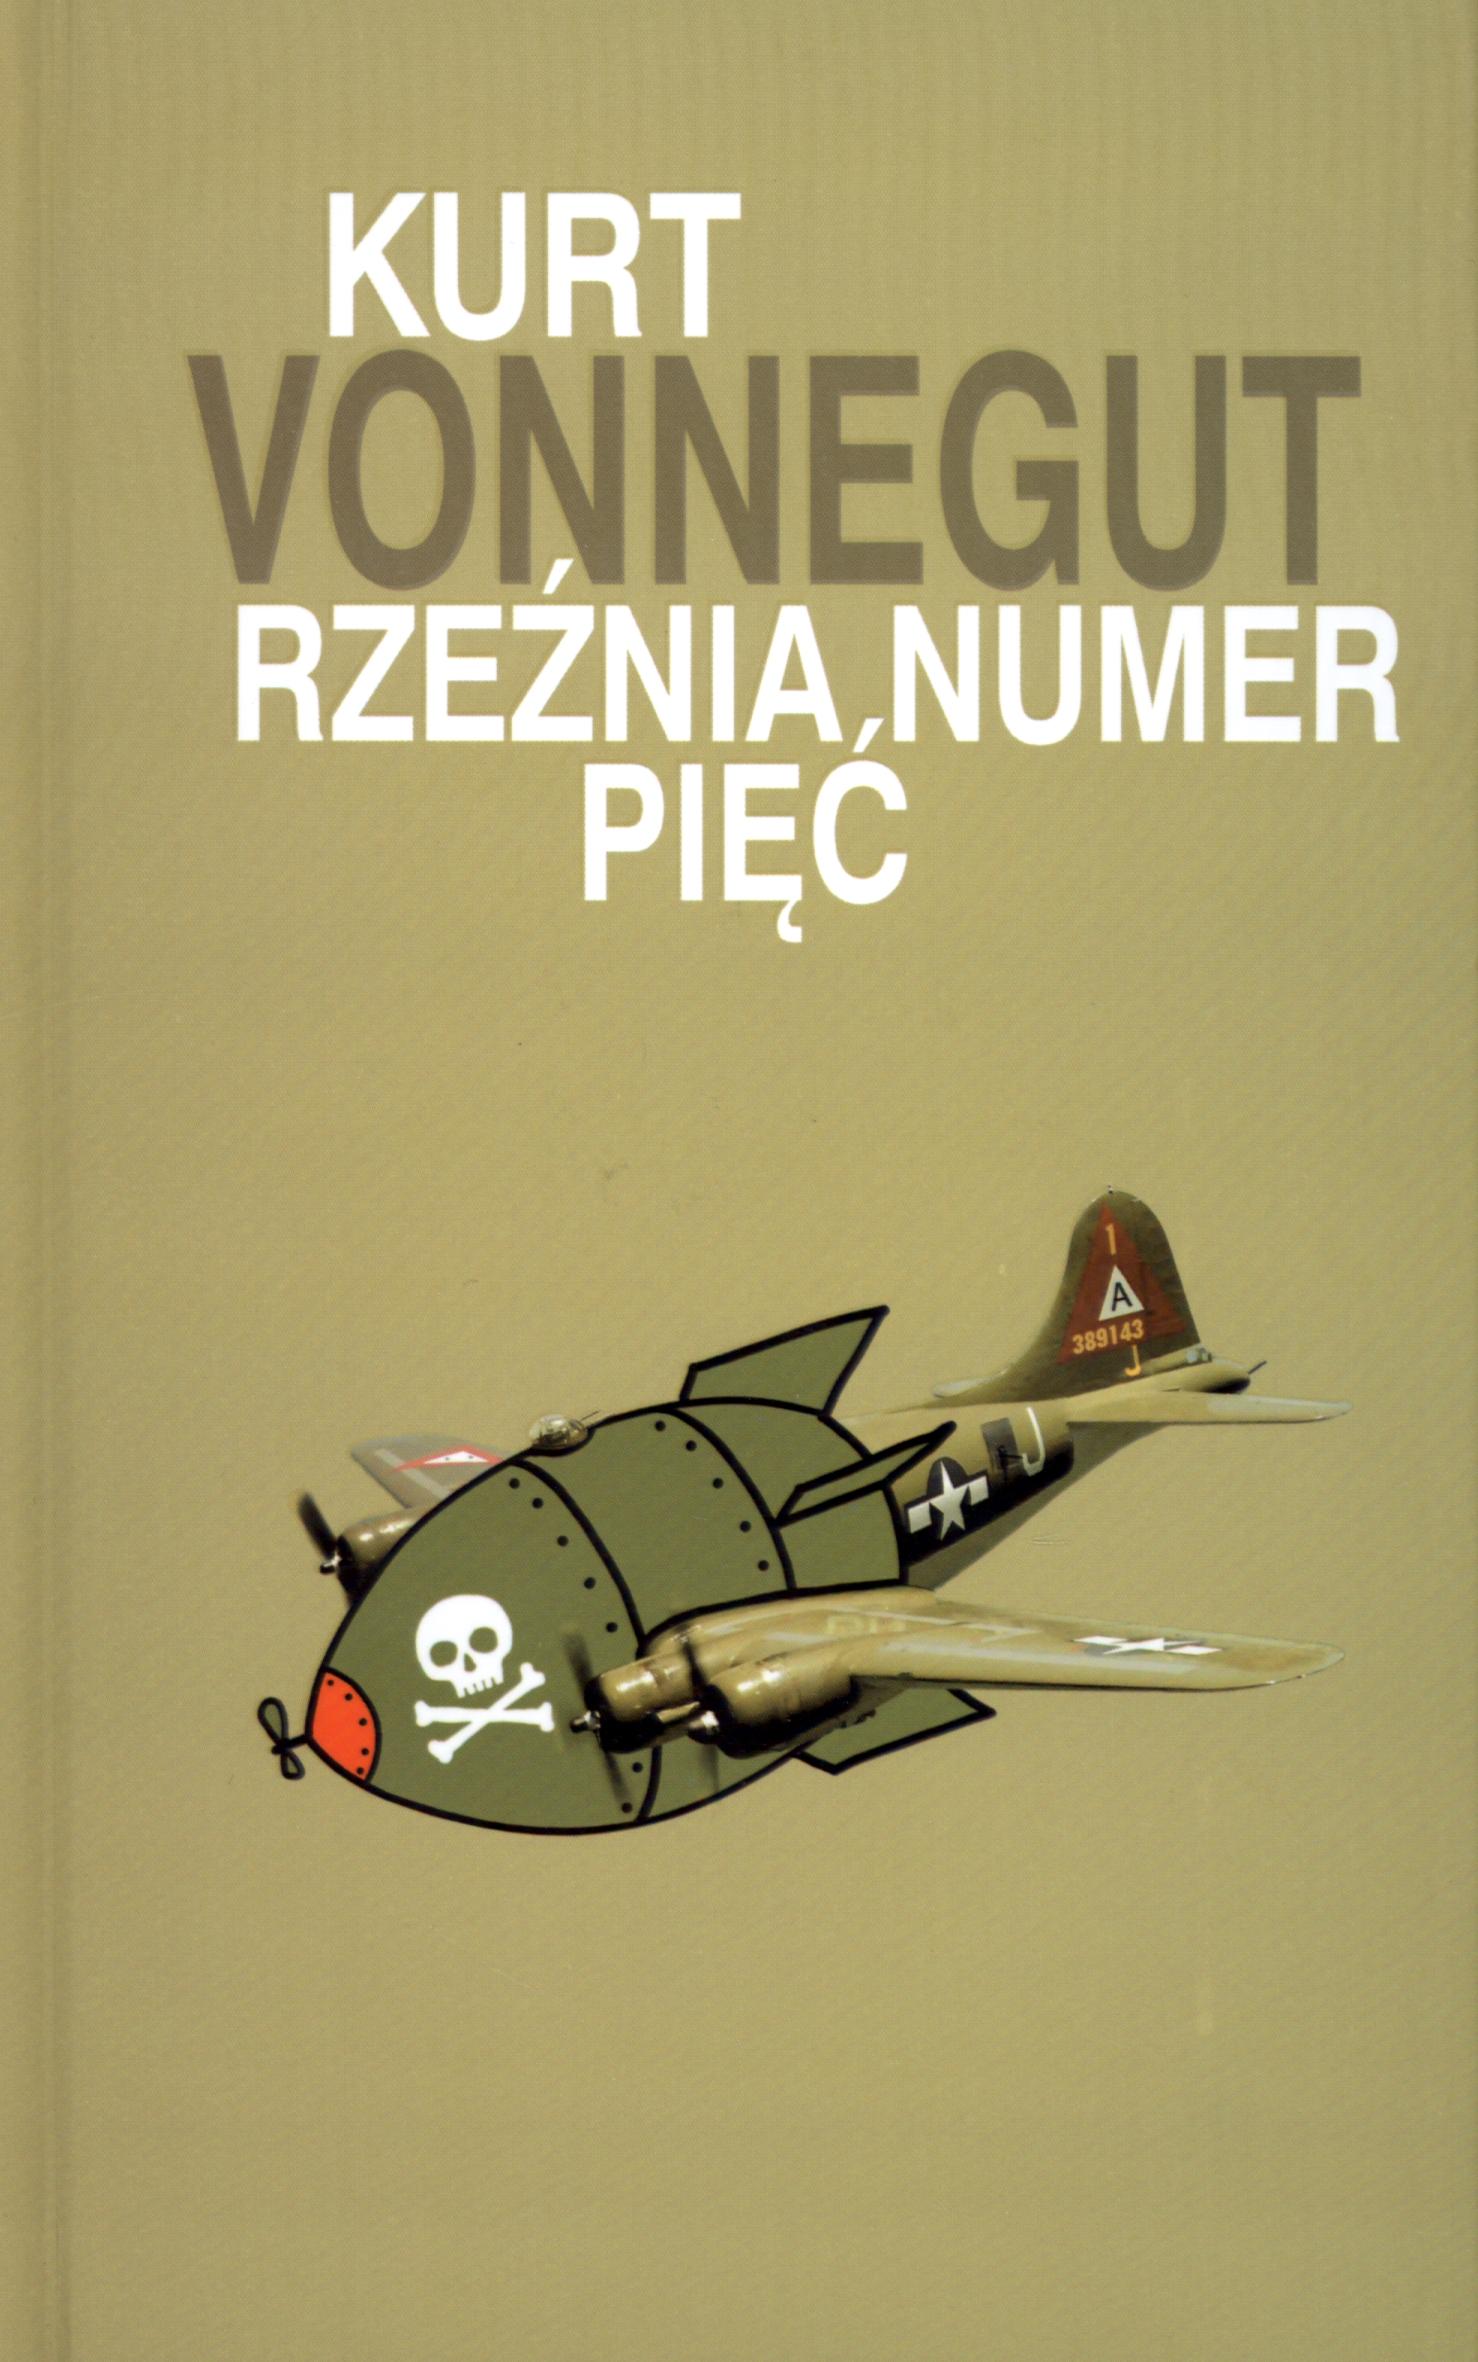 Kurt Vonnegut – Rzeźnia, numer pięć